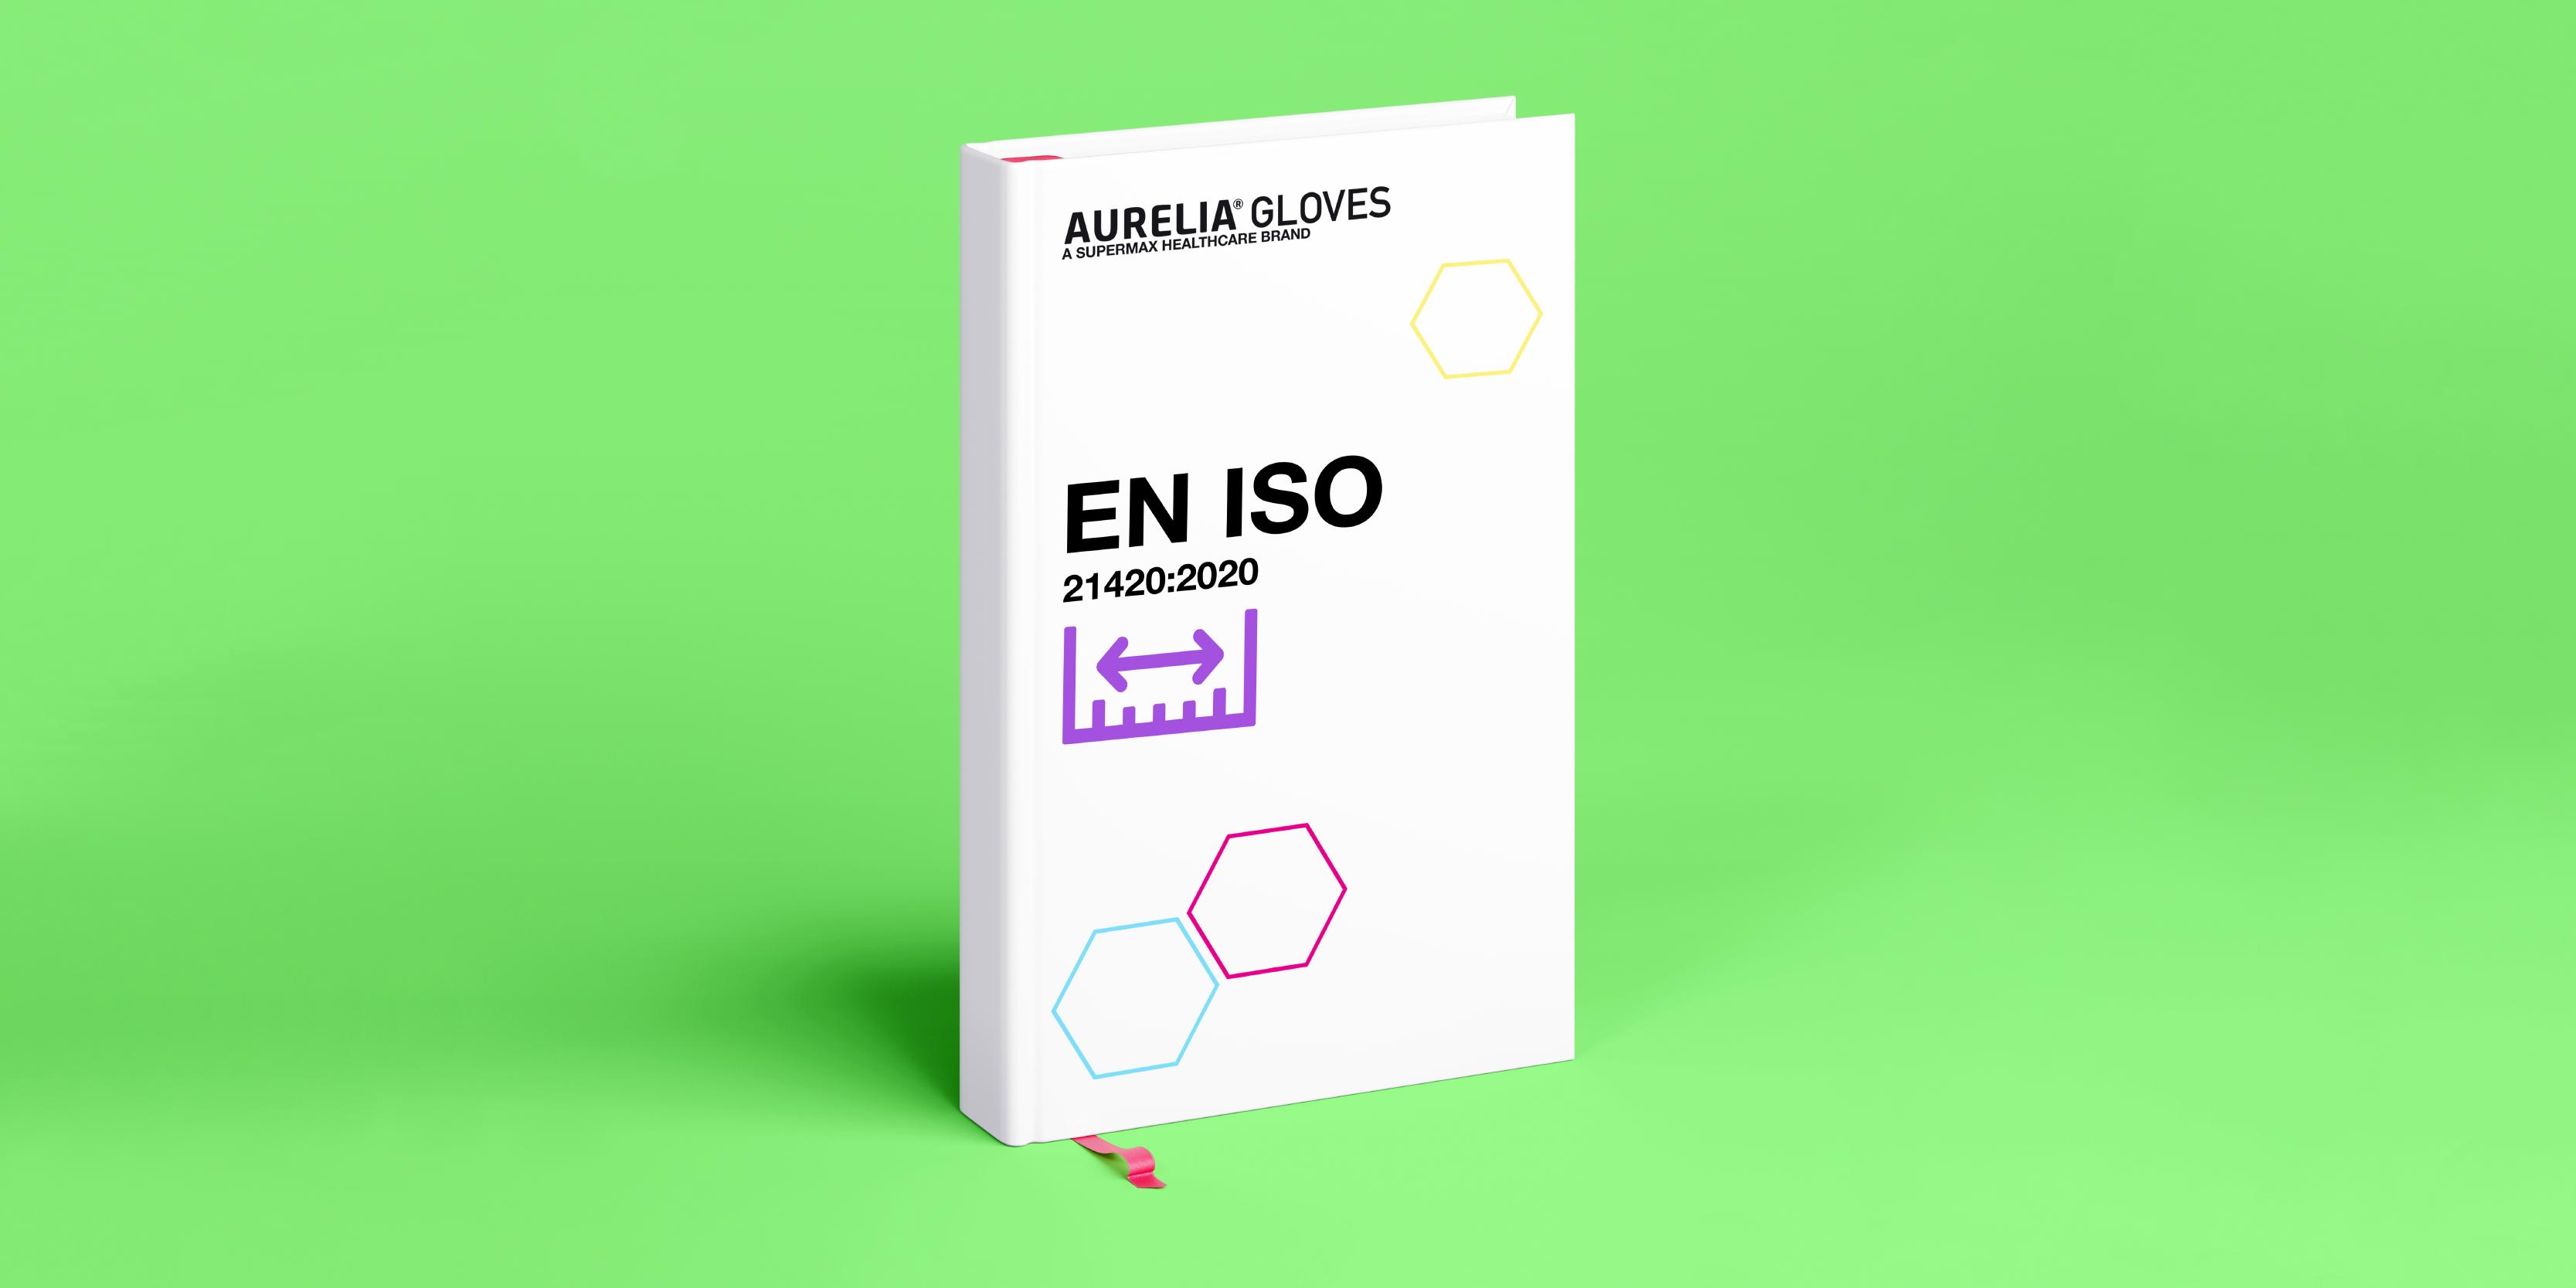 EN ISO 21420: 2020